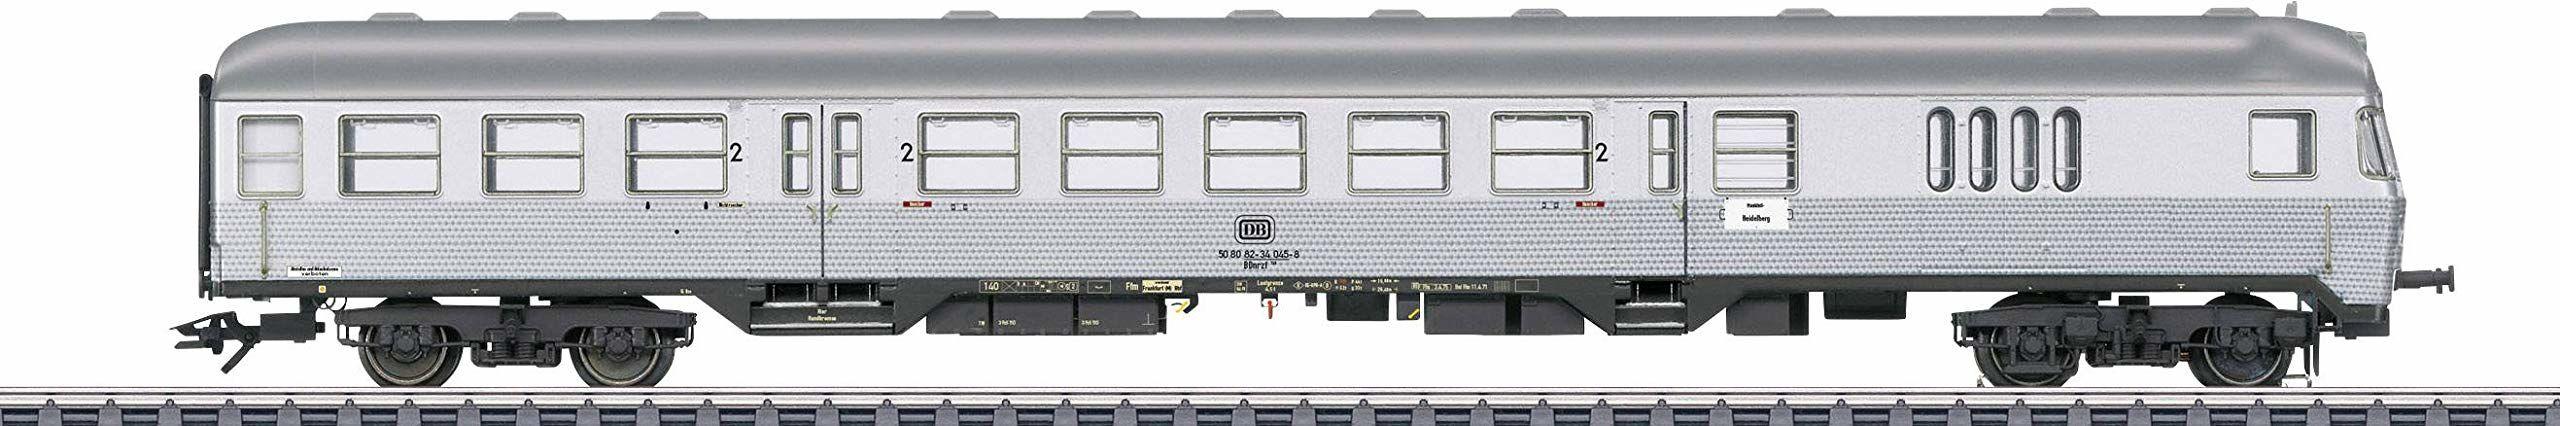 Märklin 43899 klasyk model kolejki sterującej, srebrna, tor H0, wielokolorowy